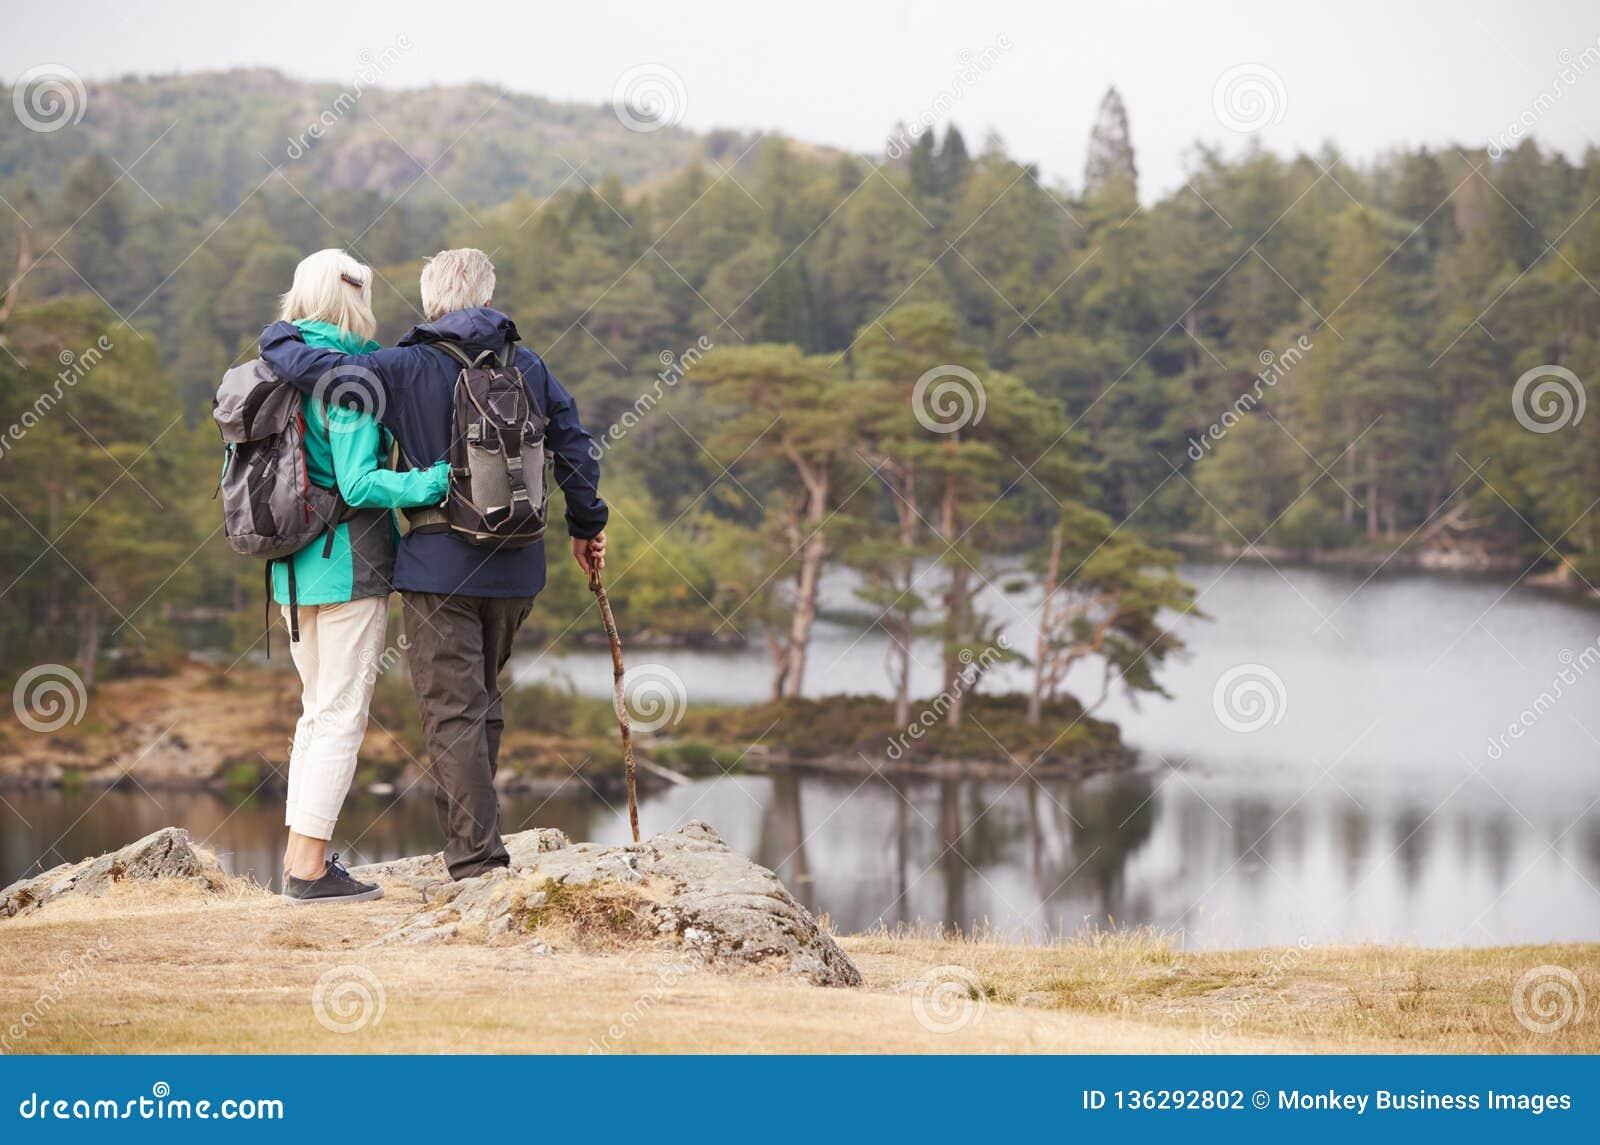 Ανώτερο μόνιμο αγκάλιασμα ζευγών και θαυμασμός της άποψης μιας λίμνης, πίσω άποψη